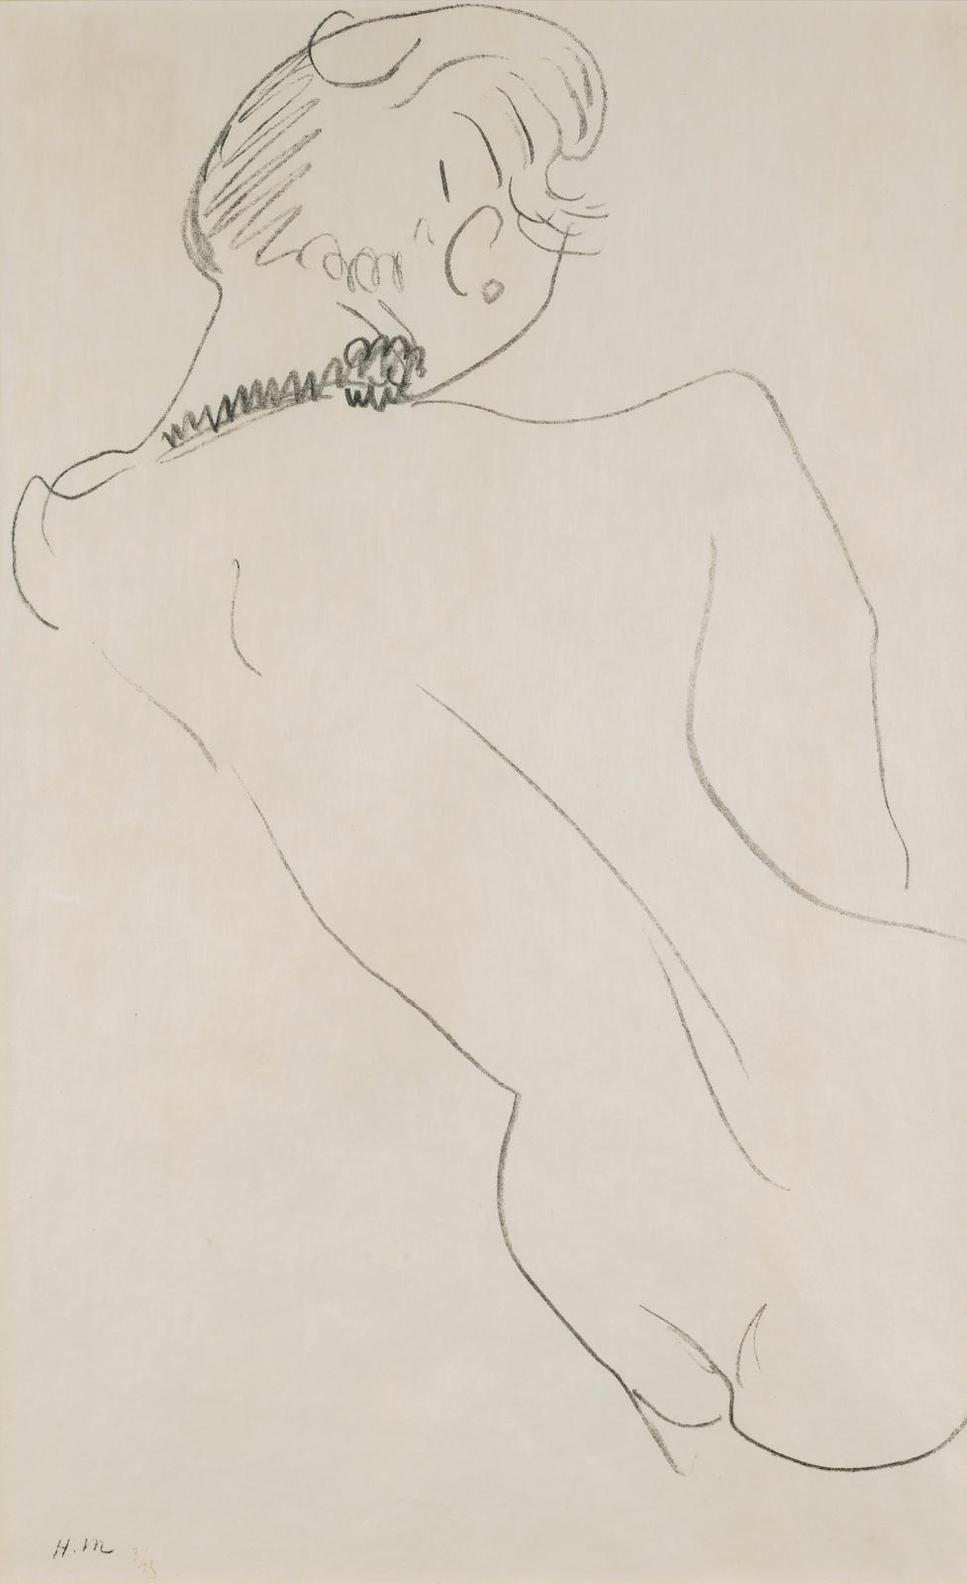 Henri Matisse-Figure De Dos Au Collier Noir-1906